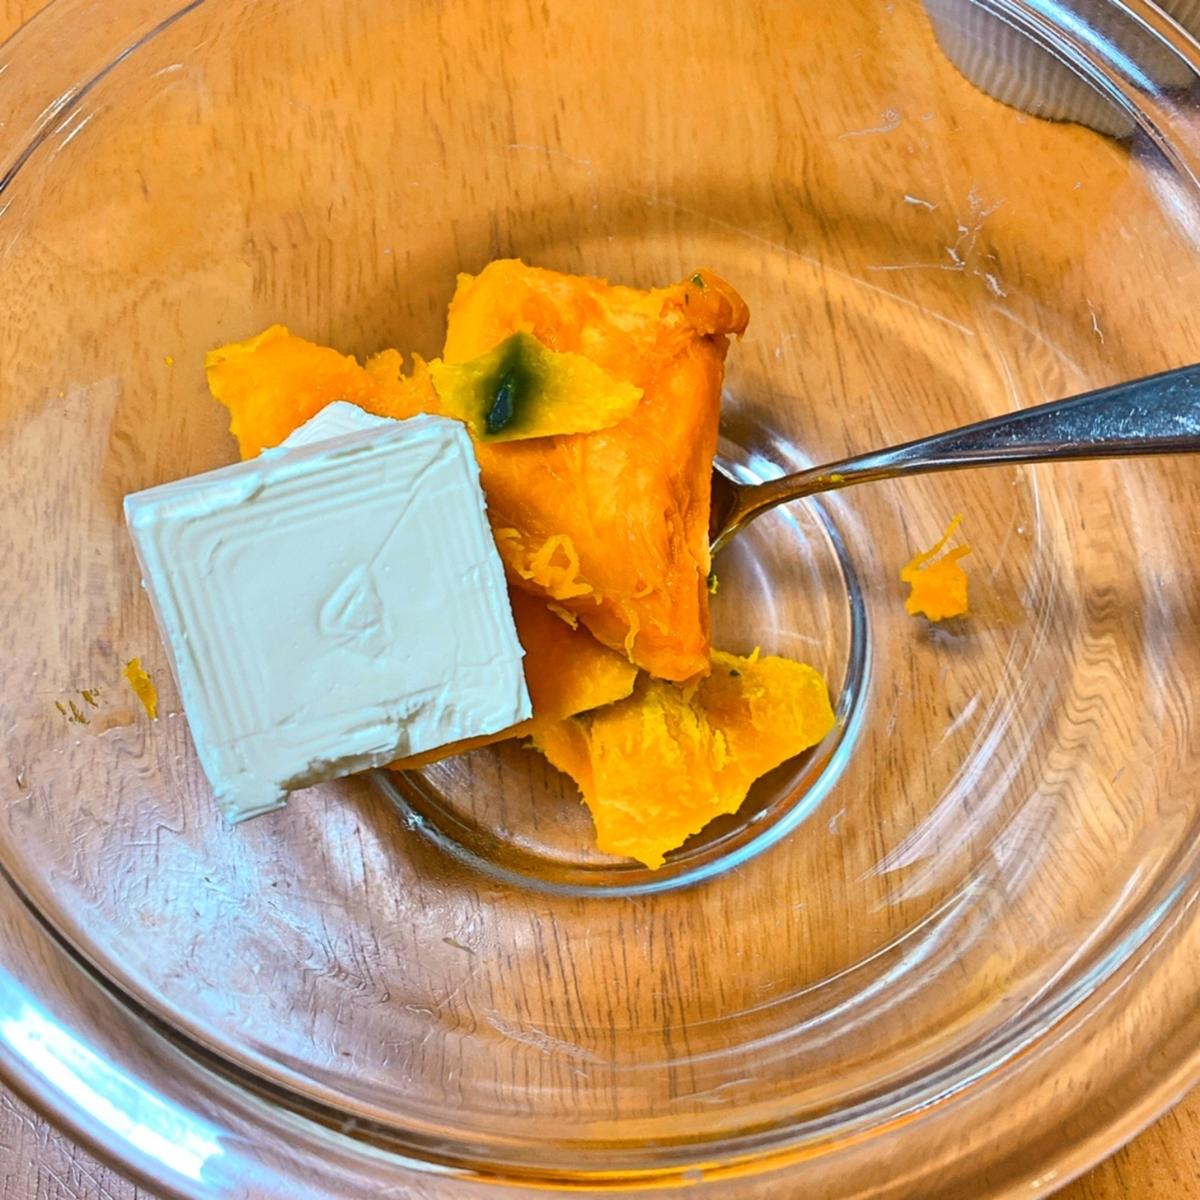 ボウルにかぼちゃとクリームチーズが入っている写真